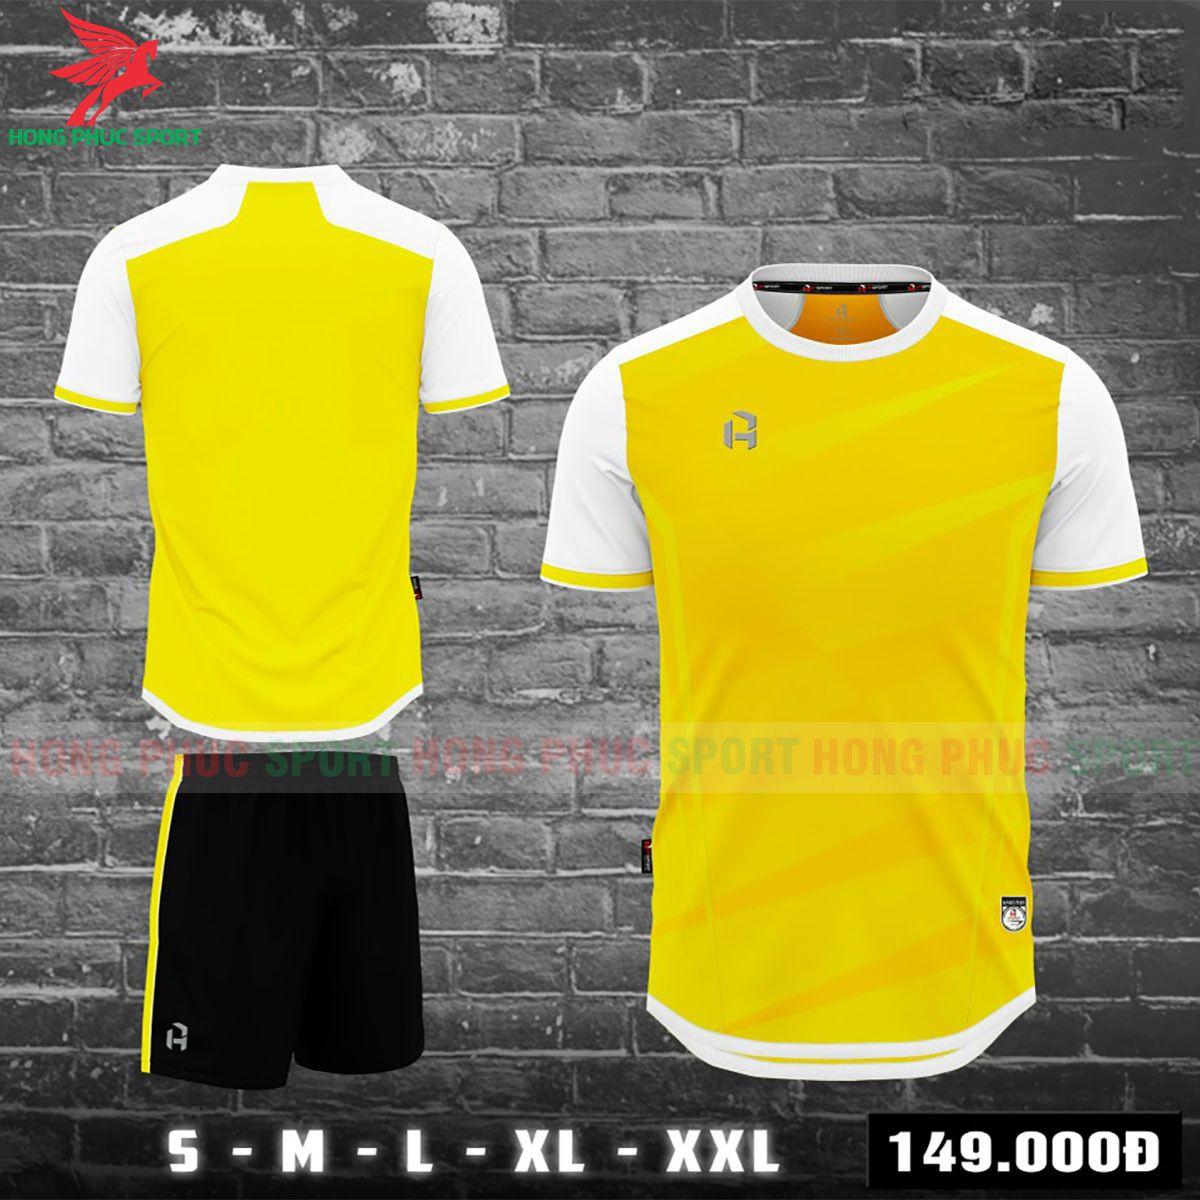 https://cdn.hongphucsport.com/unsafe/s4.shopbay.vn/files/285/ao-bong-da-khong-logo-hp-sport-2021-bebotux-vang-60f530ff44d0c.jpg